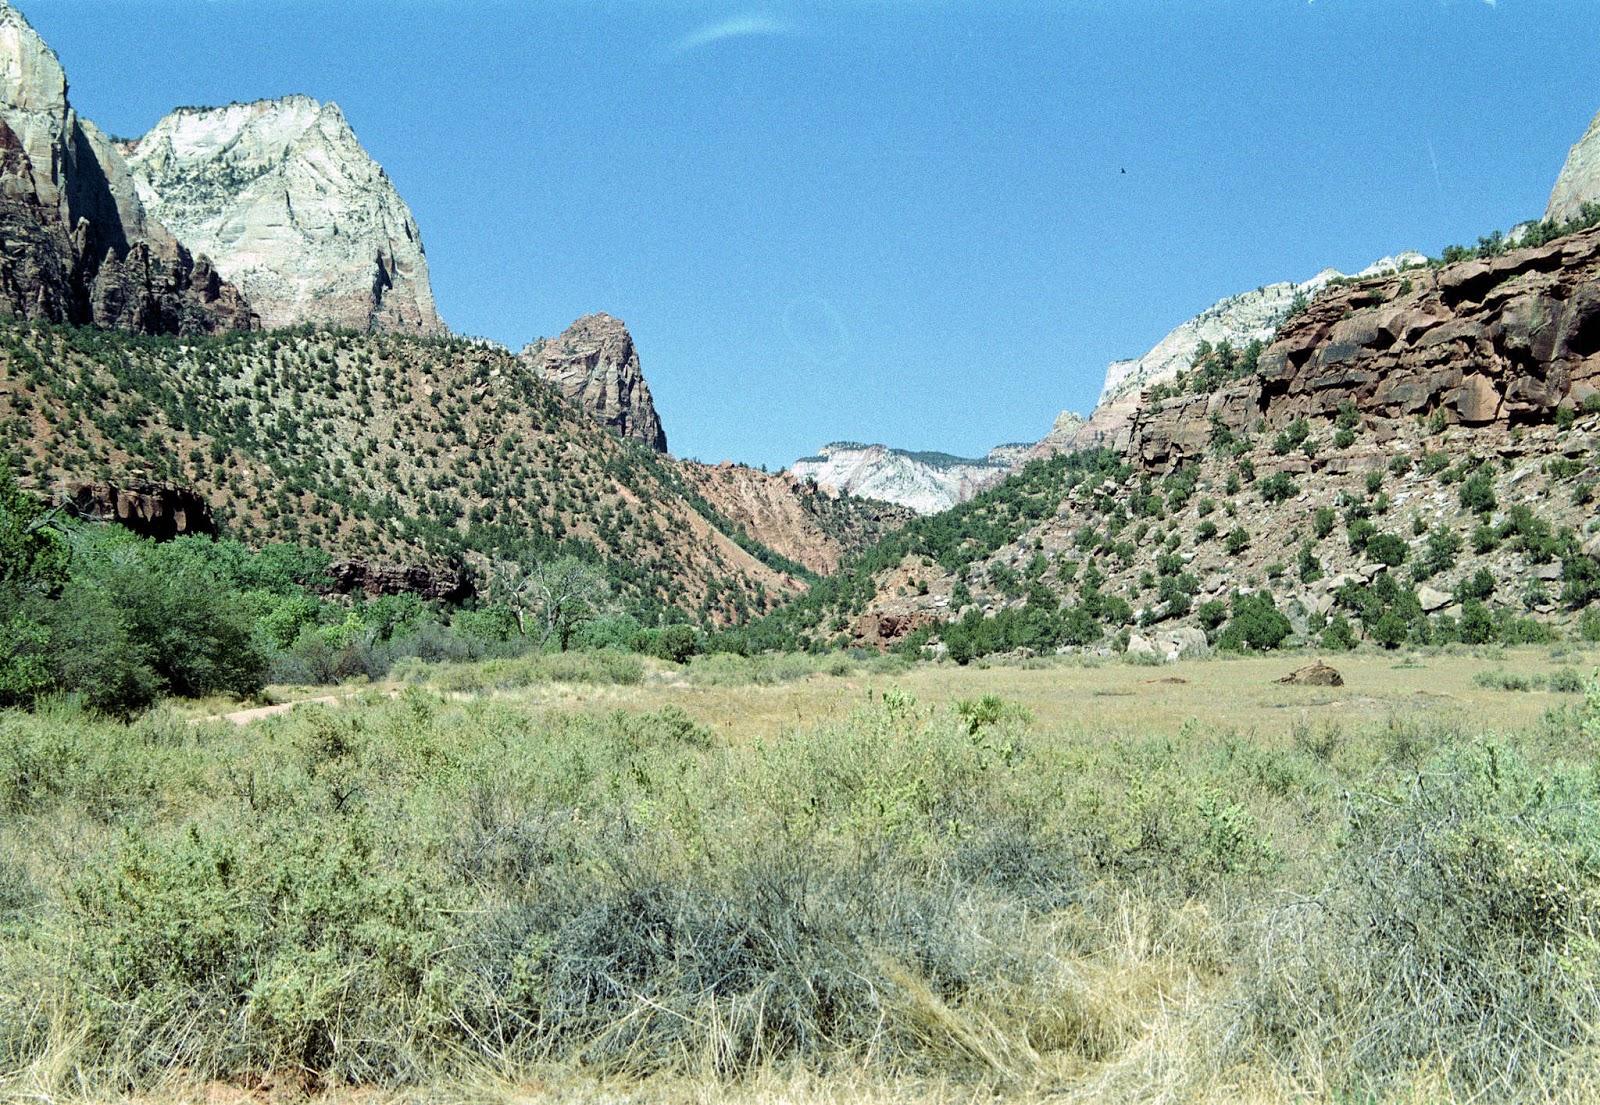 Zion Valley